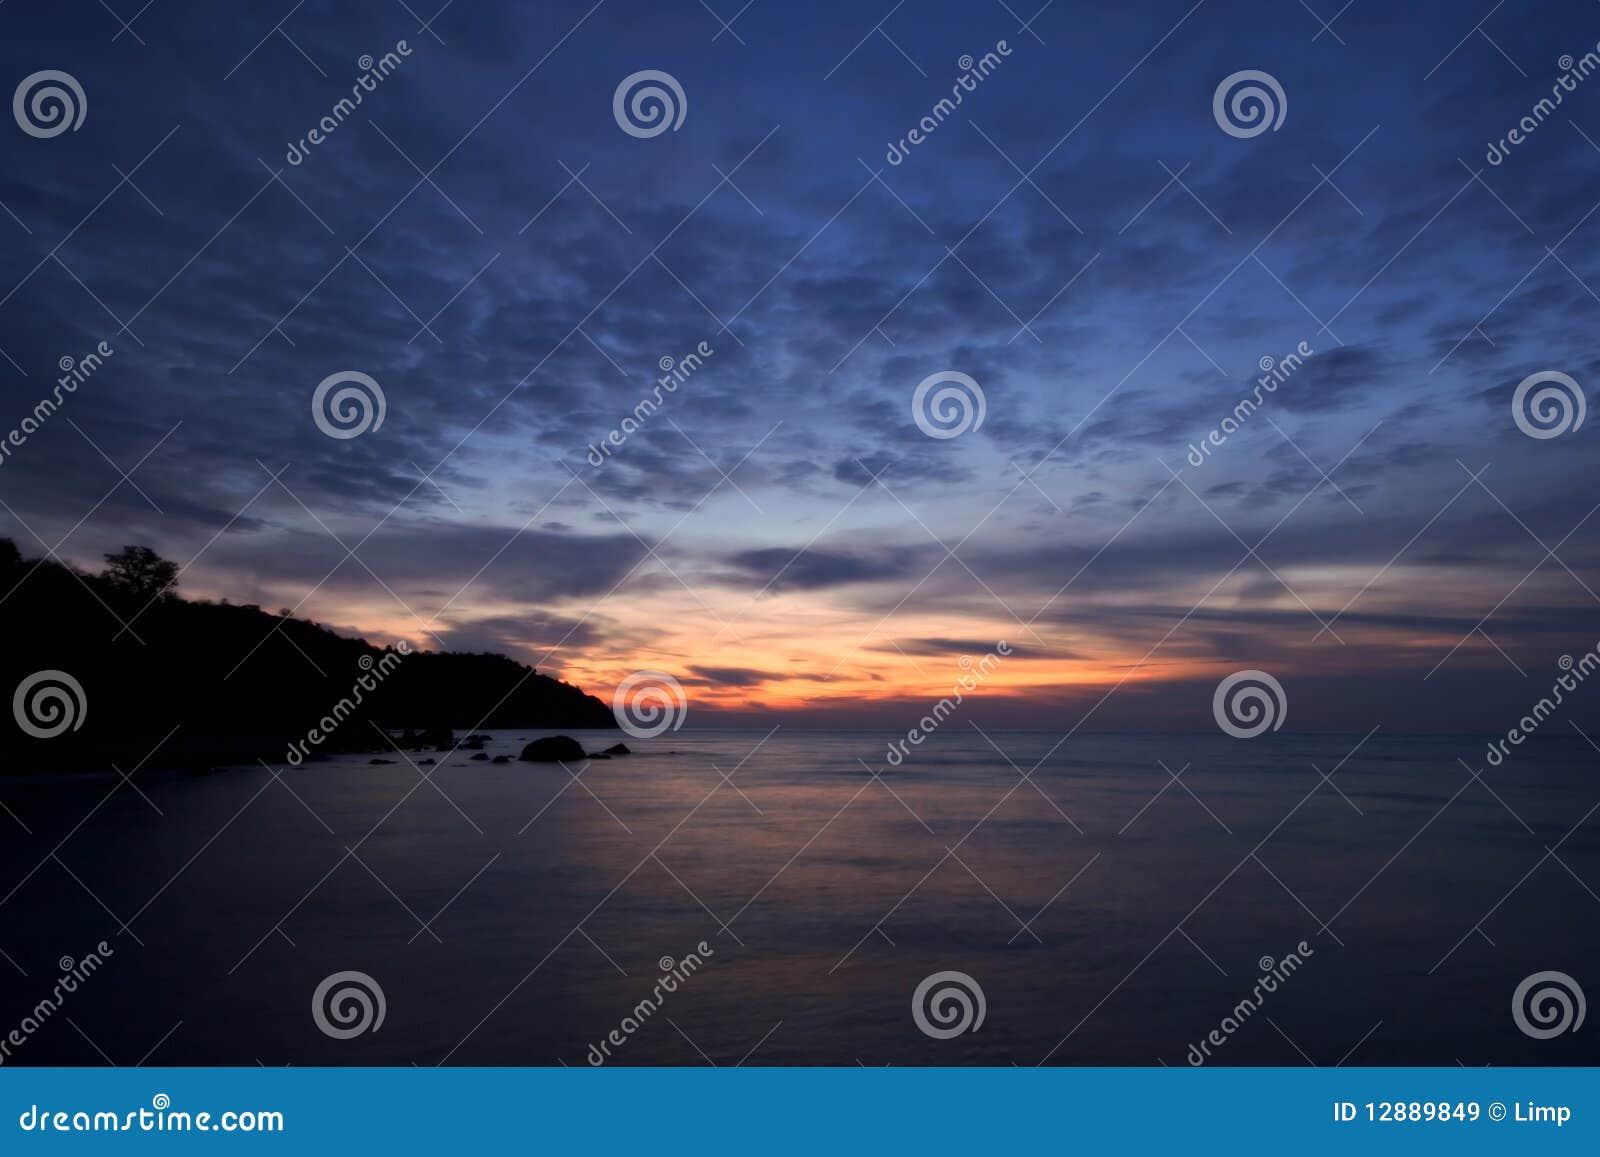 Free stock images sunrise at the black sea coast crimea mountains